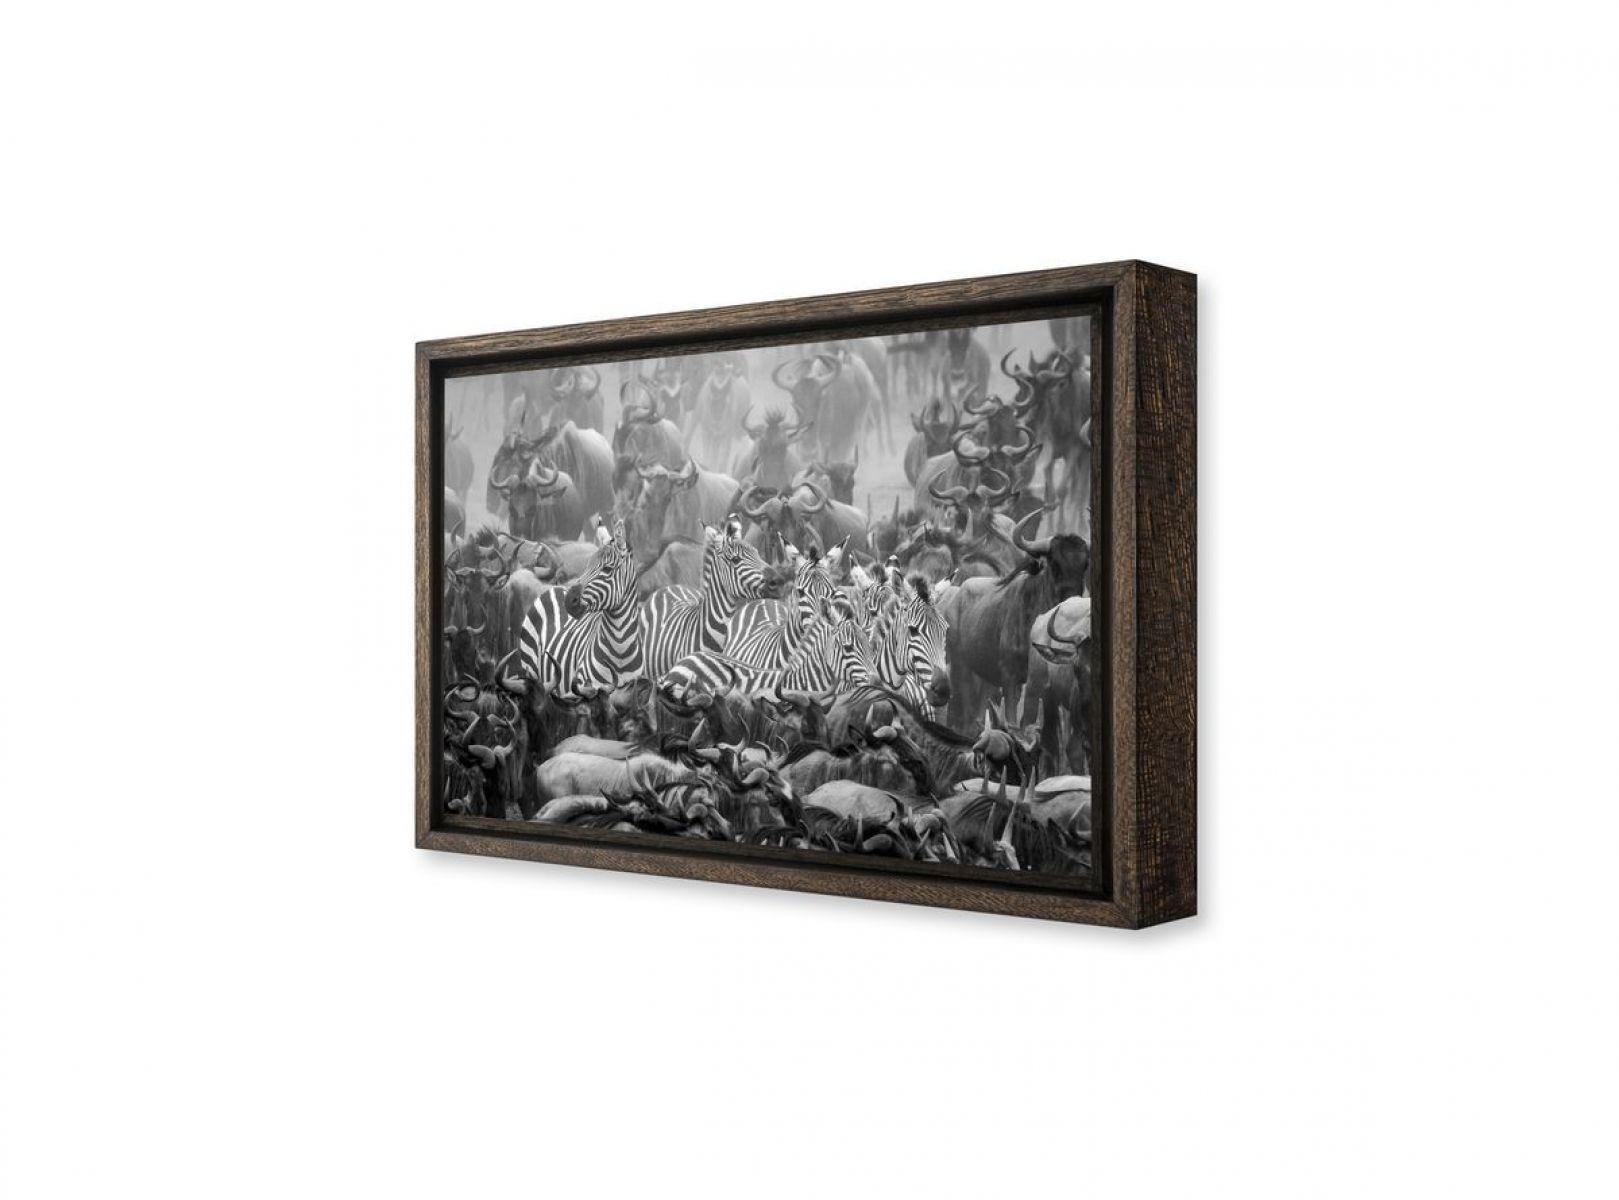 photographie d 39 art de z bres et de gnous au kenya en noir et blanc. Black Bedroom Furniture Sets. Home Design Ideas